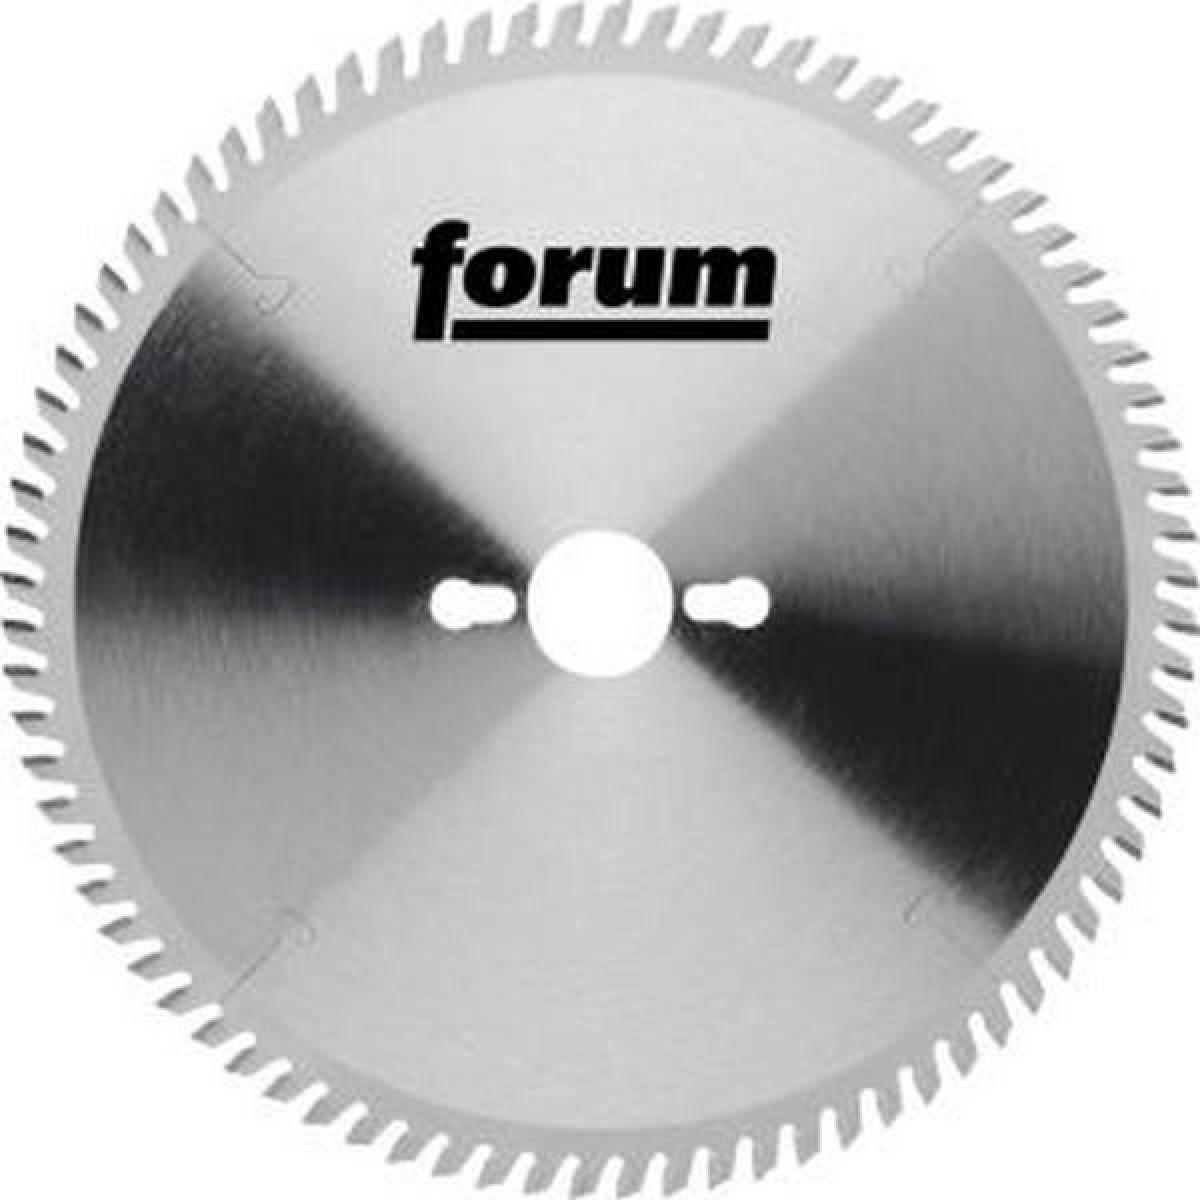 Forum Lame de scie circulaire, Ø : 160 mm, Larg. : 1,8 mm, Alésage 16 mm, Perçages secondaires : -, Dents : 36